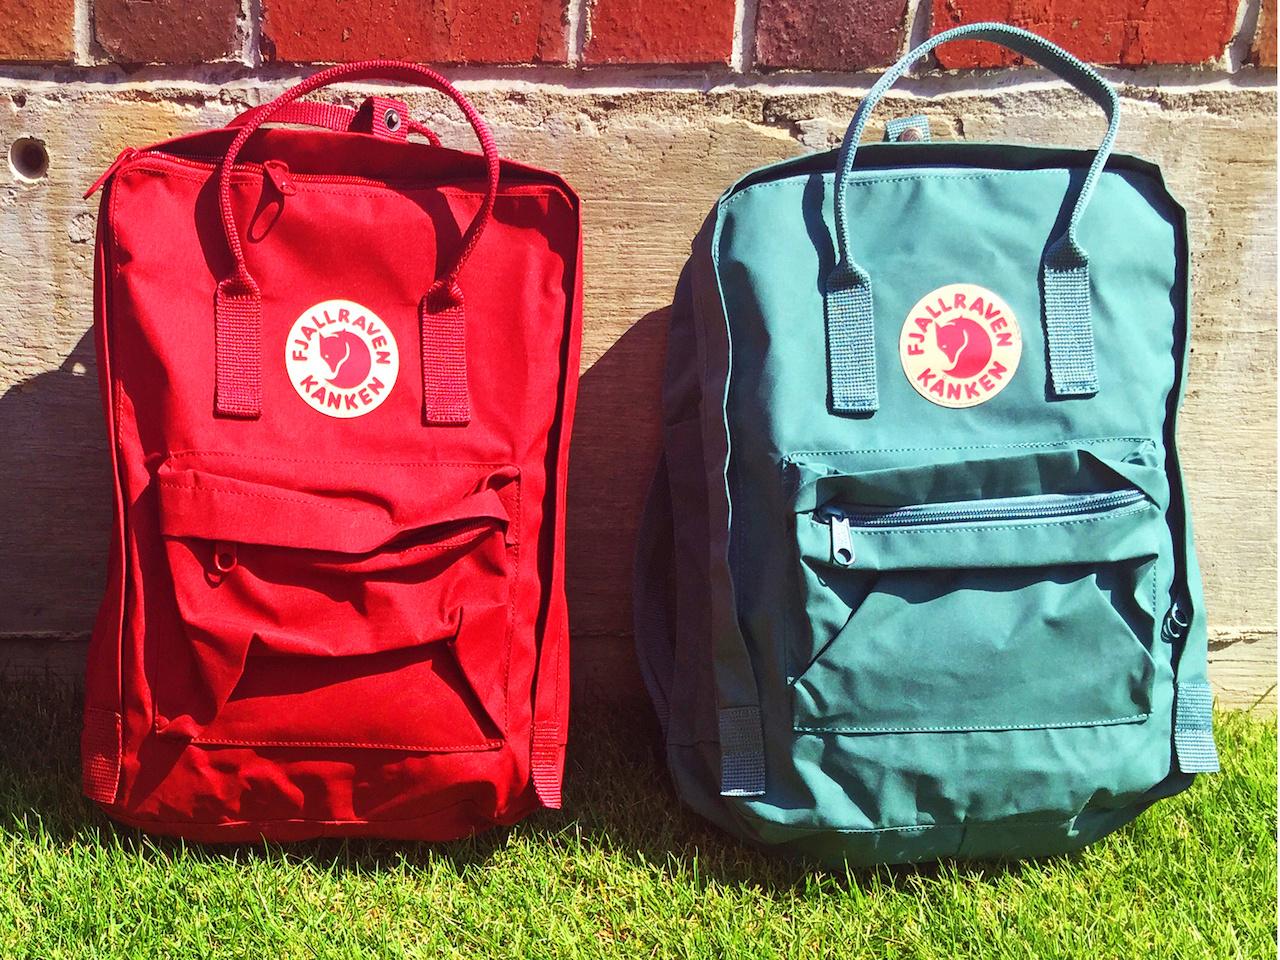 FjallRaven's Kanken backpack, $75, at Alabama Outdoors